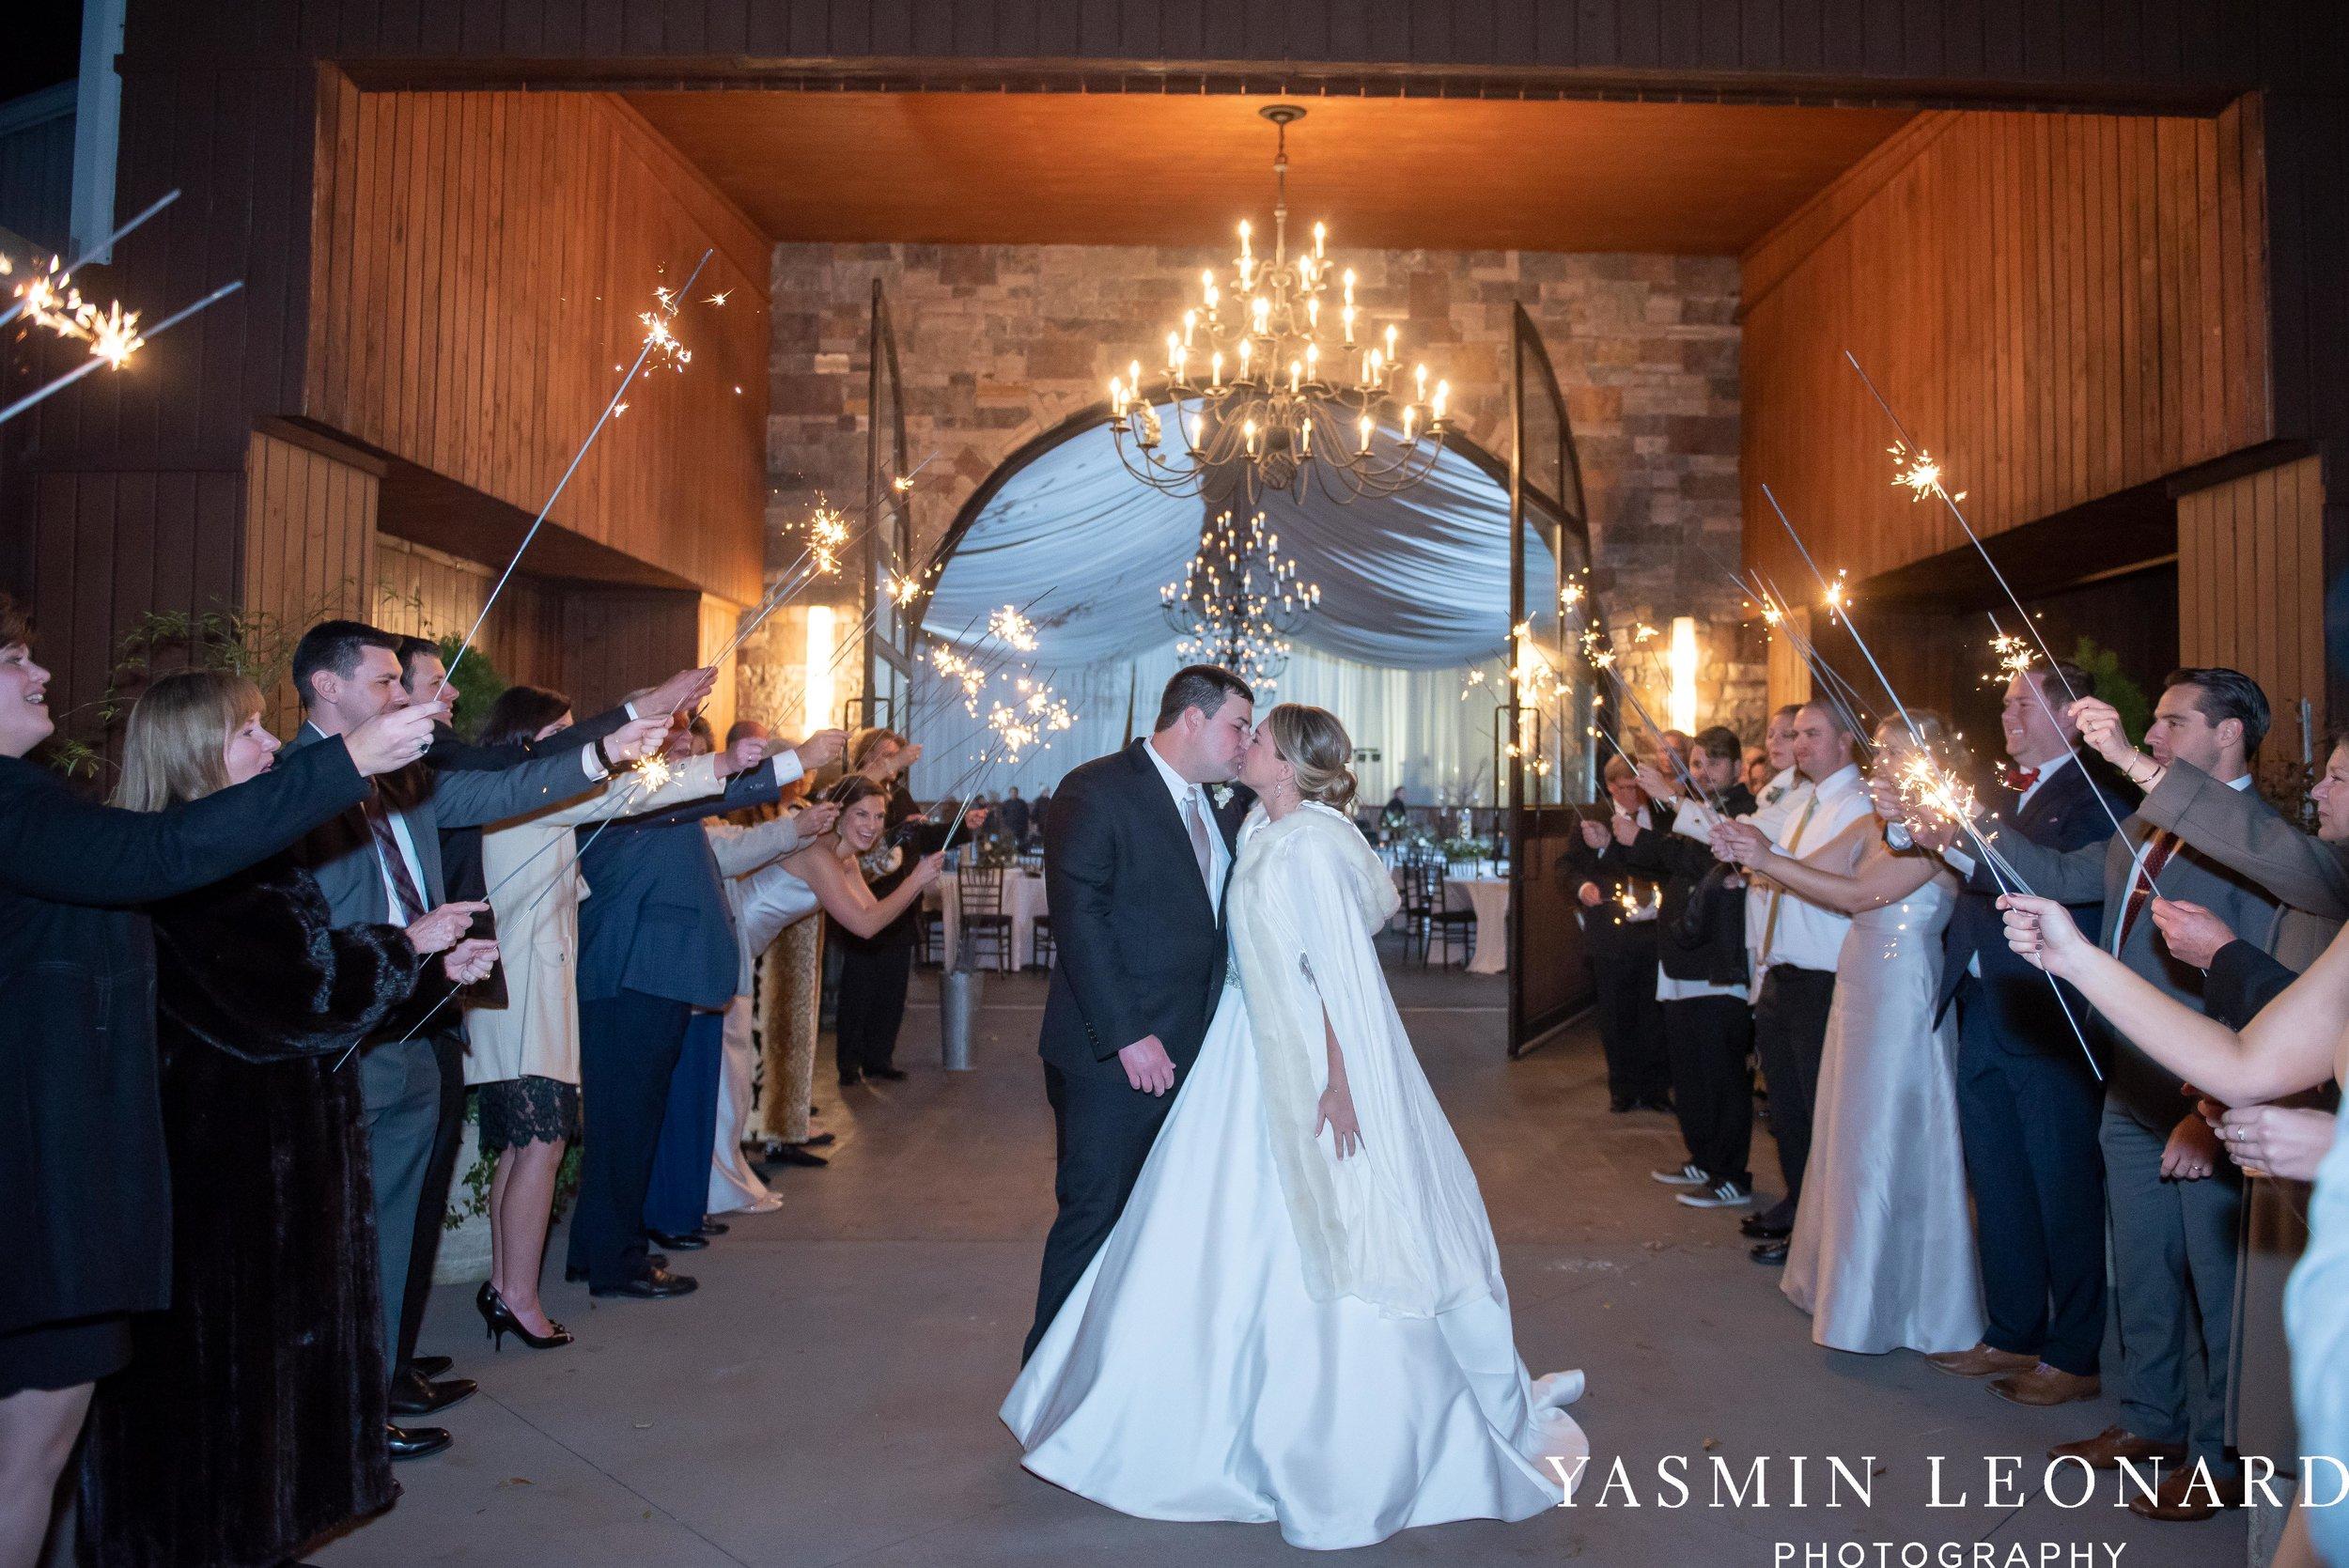 Adaumont Farm - Wesley Memorial Weddings - High Point Weddings - Just Priceless - NC Wedding Photographer - Yasmin Leonard Photography - High Point Wedding Vendors-77.jpg